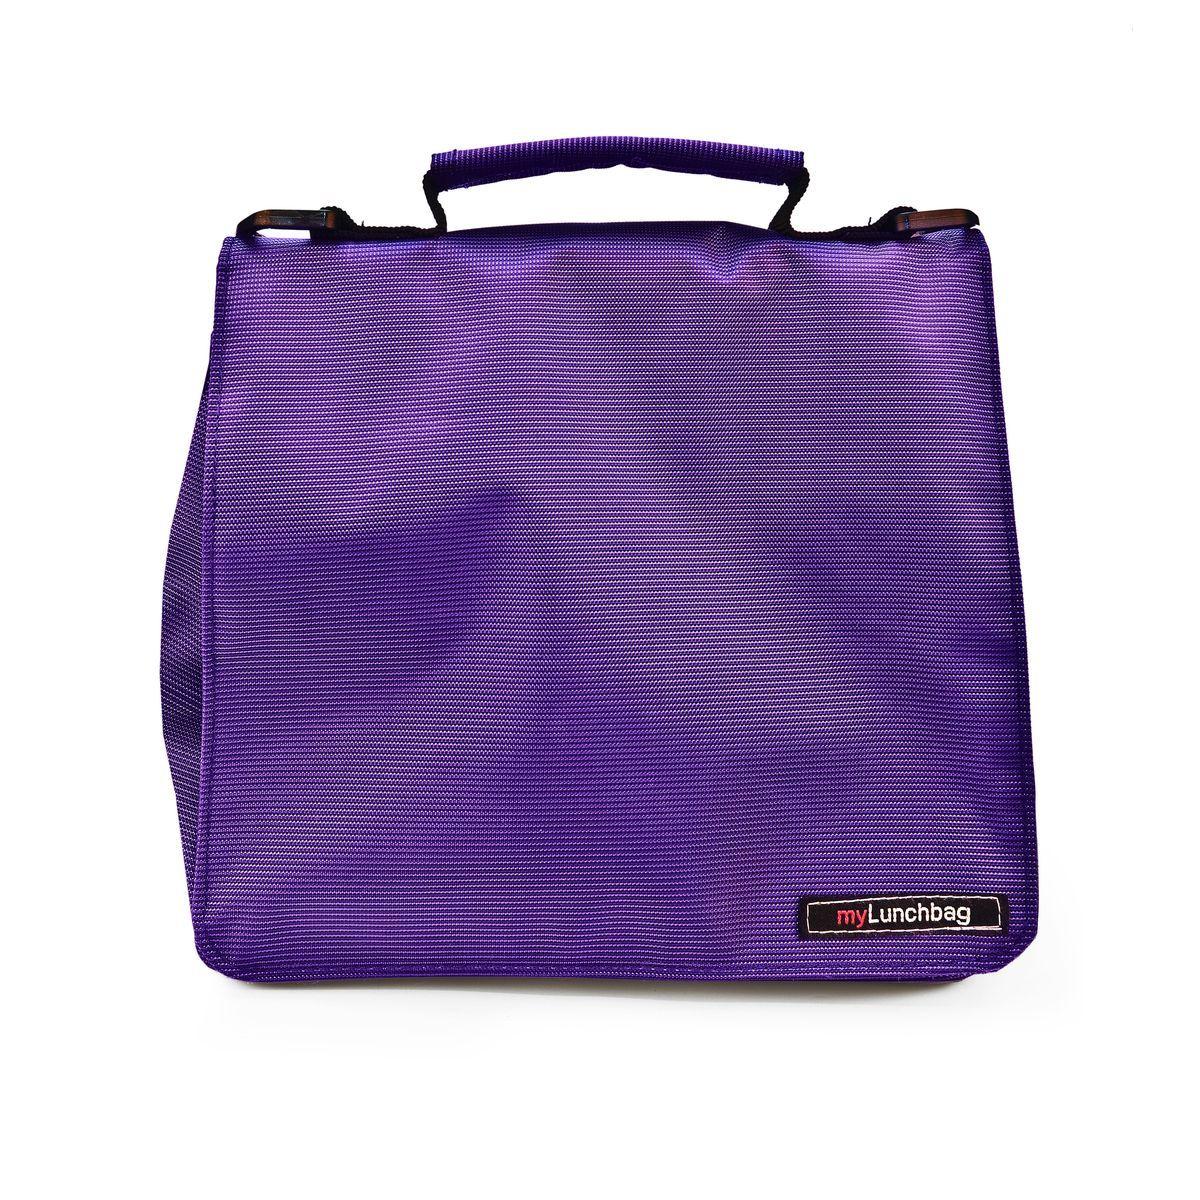 Термо ланч-бокс Iris SMART MyLunchbag, цвет: фиолетовый21395599ТермоЛанчбокс SMART MyLunchbag?.?Отлично сохраняет свежесть и вкус продукта на несколько часов. Пригодится везде: на прогулке, на работе, учебе и т.д. С ним легко справится даже ребенок! Легко складывается до небольших размеров. Присутствует удобный кармашек для аксессуаров и регулируемый ремень для переноски (в одной руке или на плече).Рекомендуется регулярно стирать вручную в теплой воде с мылом.Сделан из полиэстера